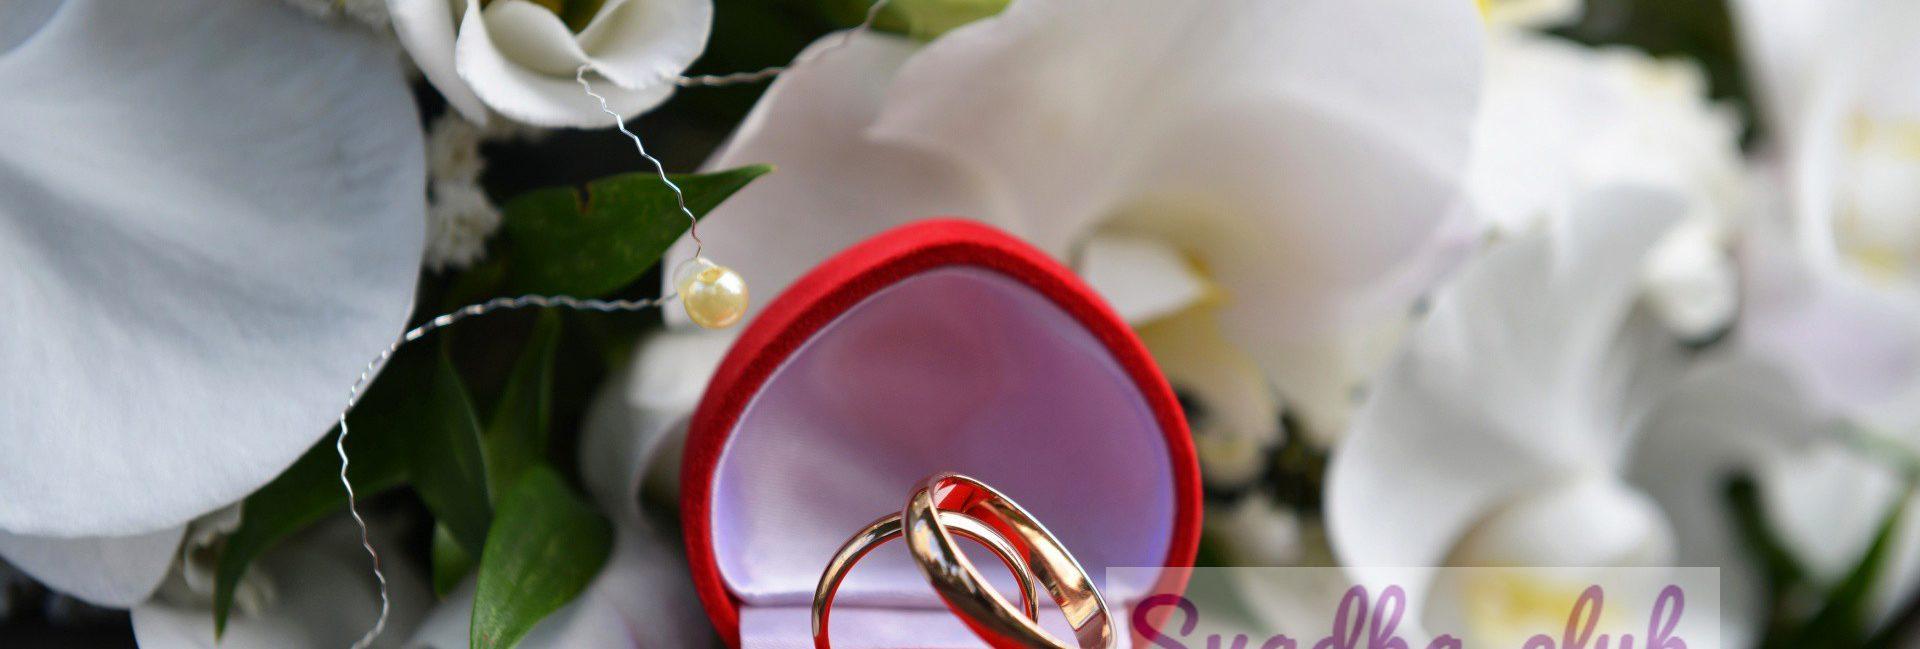 7 лет свадьбы-свадебные годовщины